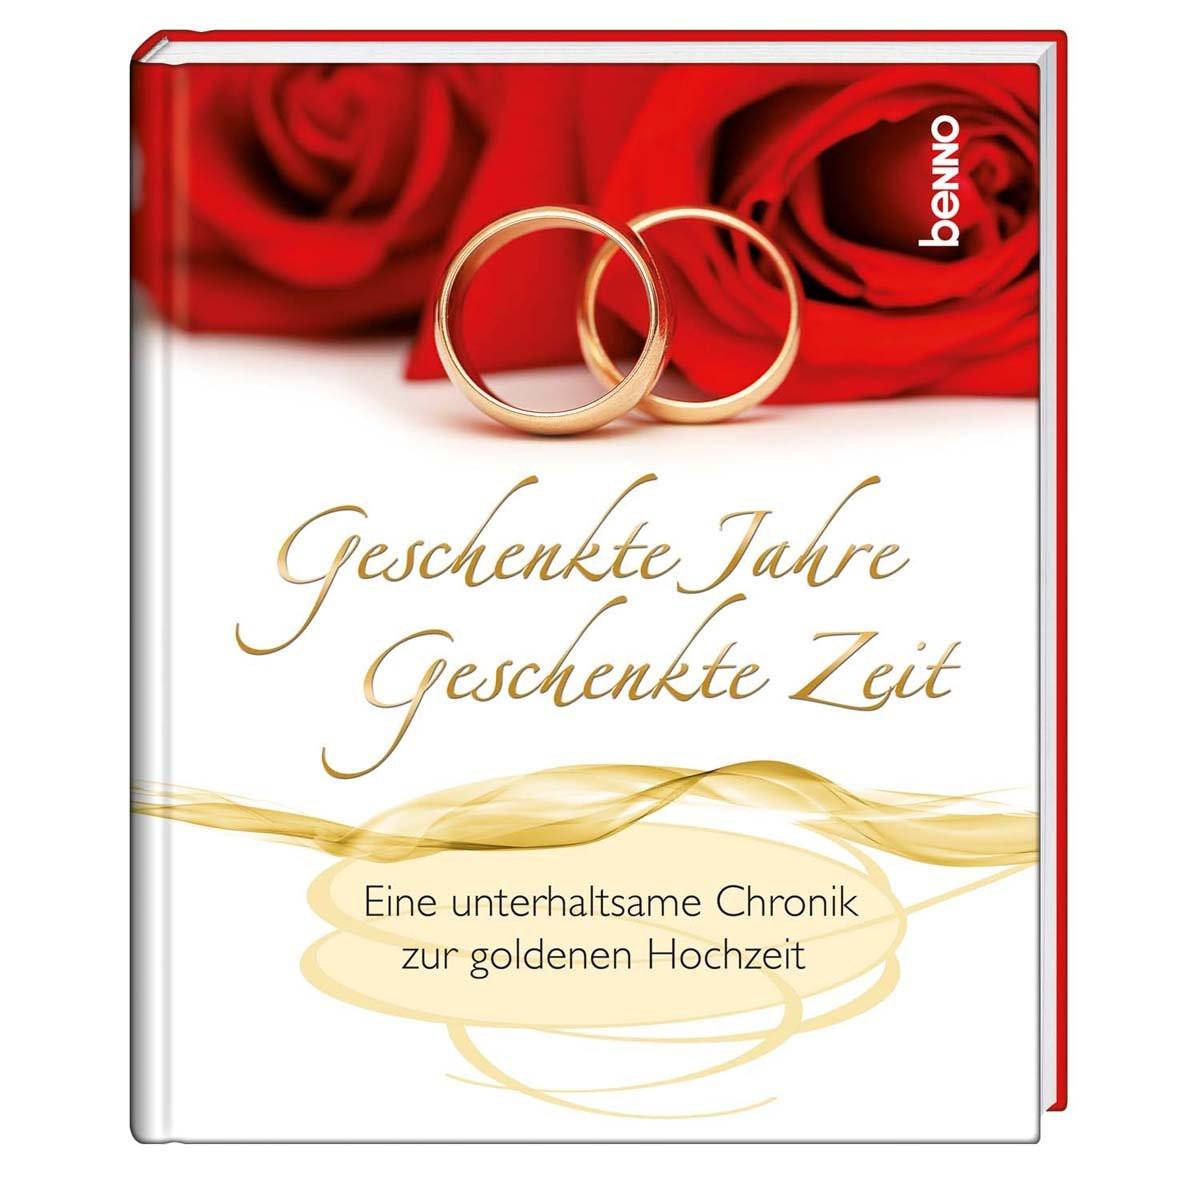 Geschenkideen Zur Goldenen Hochzeit  Die 10 Geschenkideen zur Goldenen Hochzeit